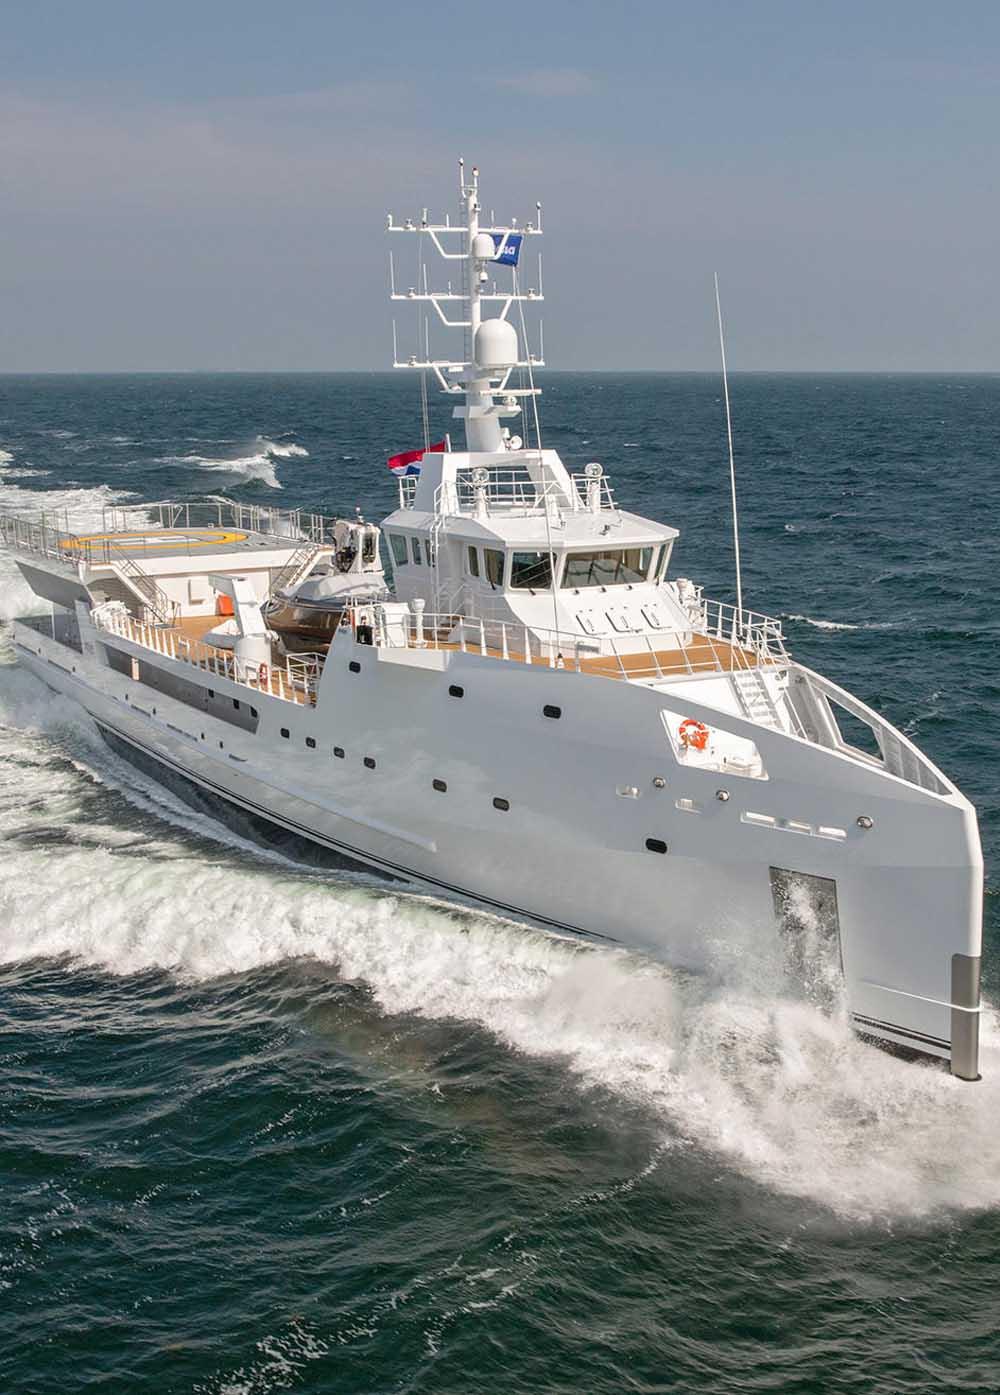 Damen-vende-iate-de-suporte-Game-Changer-boatshopping